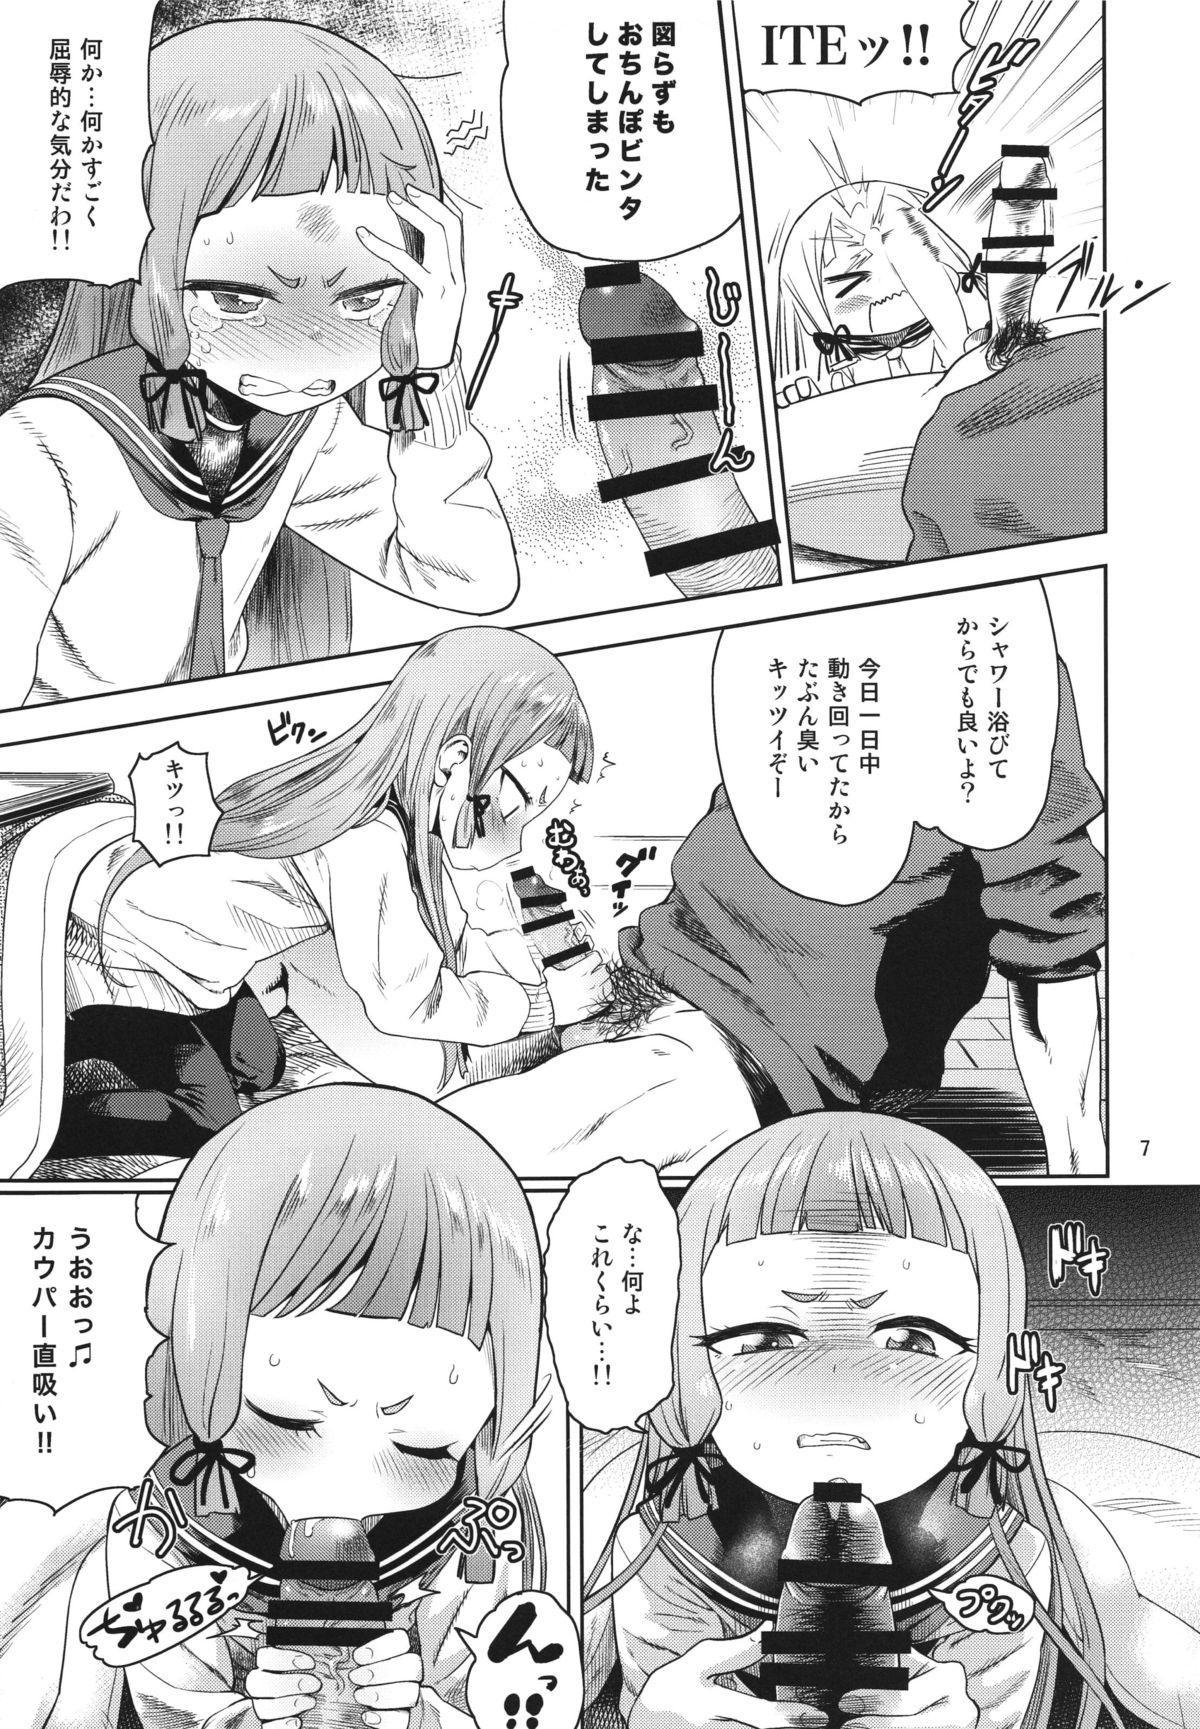 MuraMura! Fuyu 8